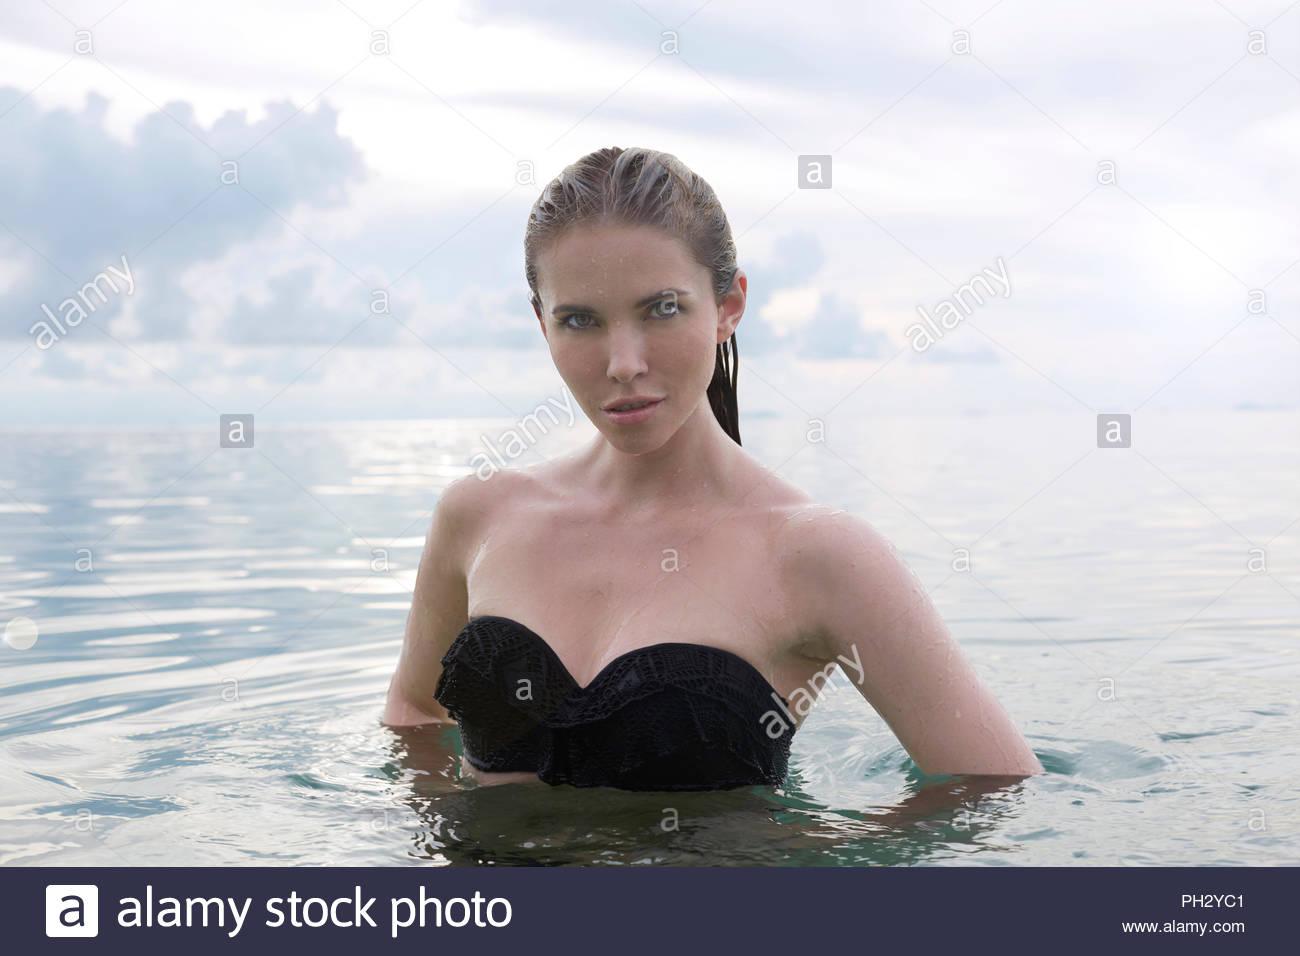 Young woman wearing black bikini standing in sea Stock Photo